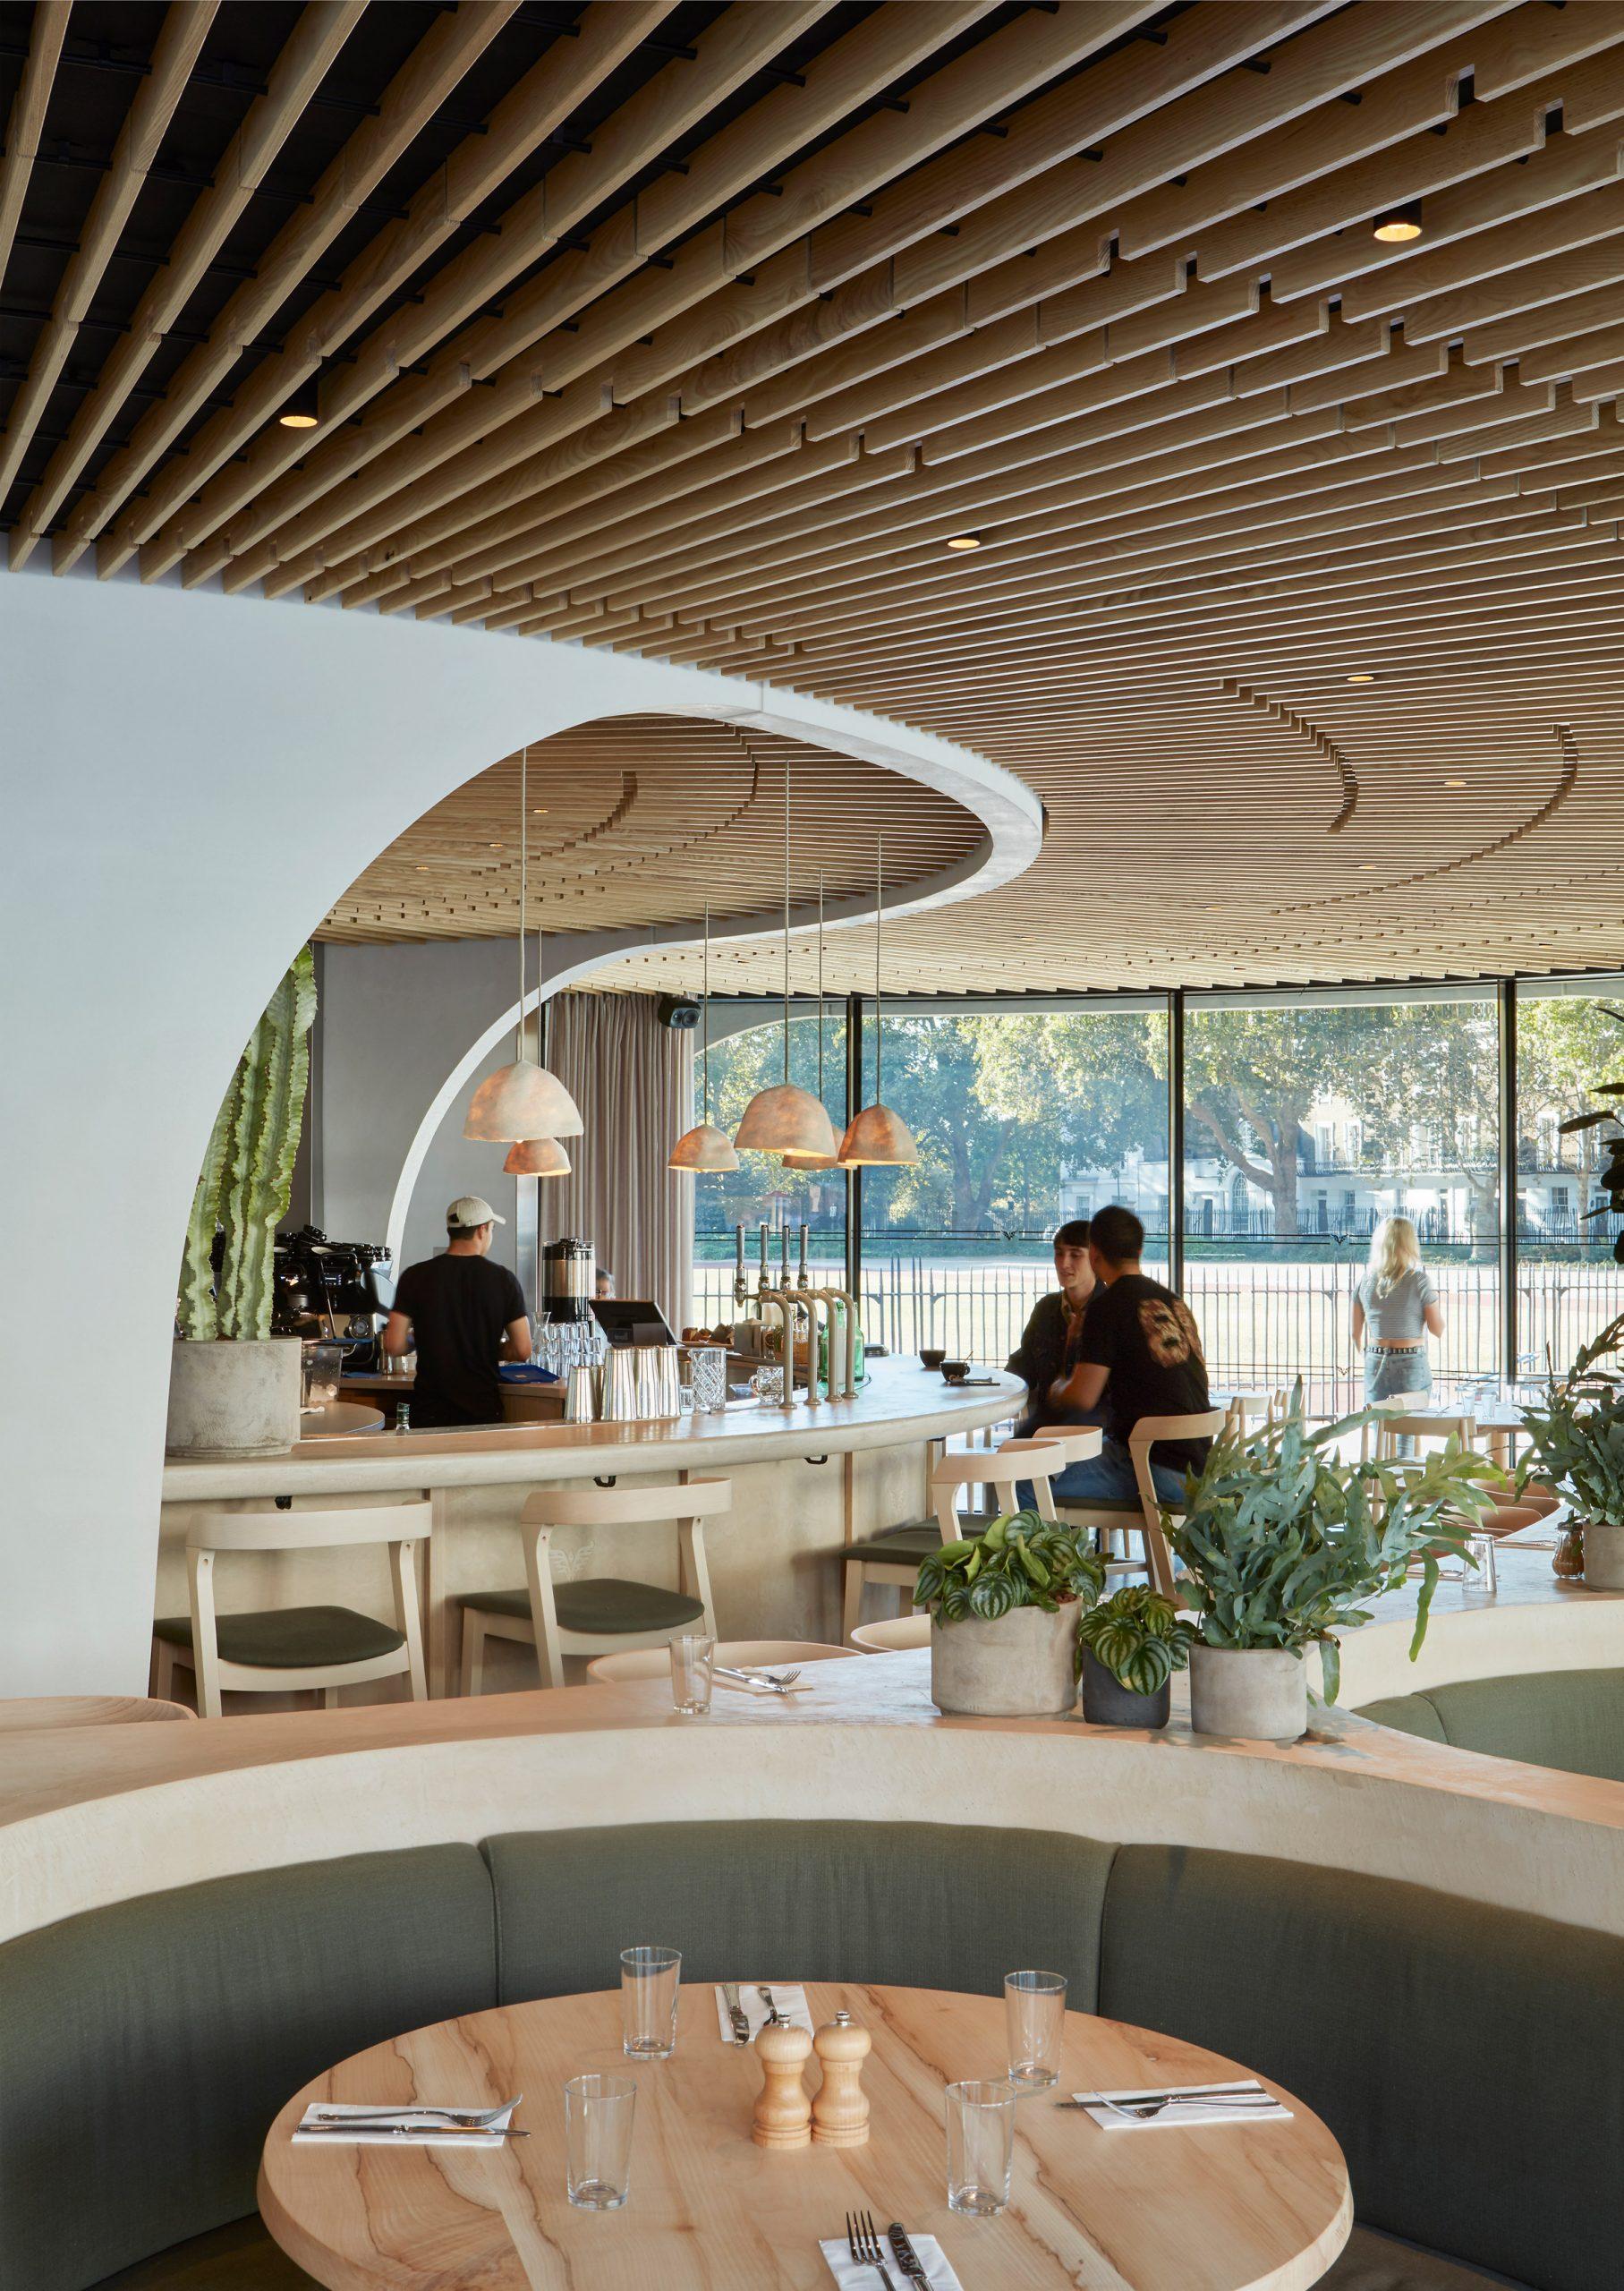 Thiết kế quán cafehiện đại 2